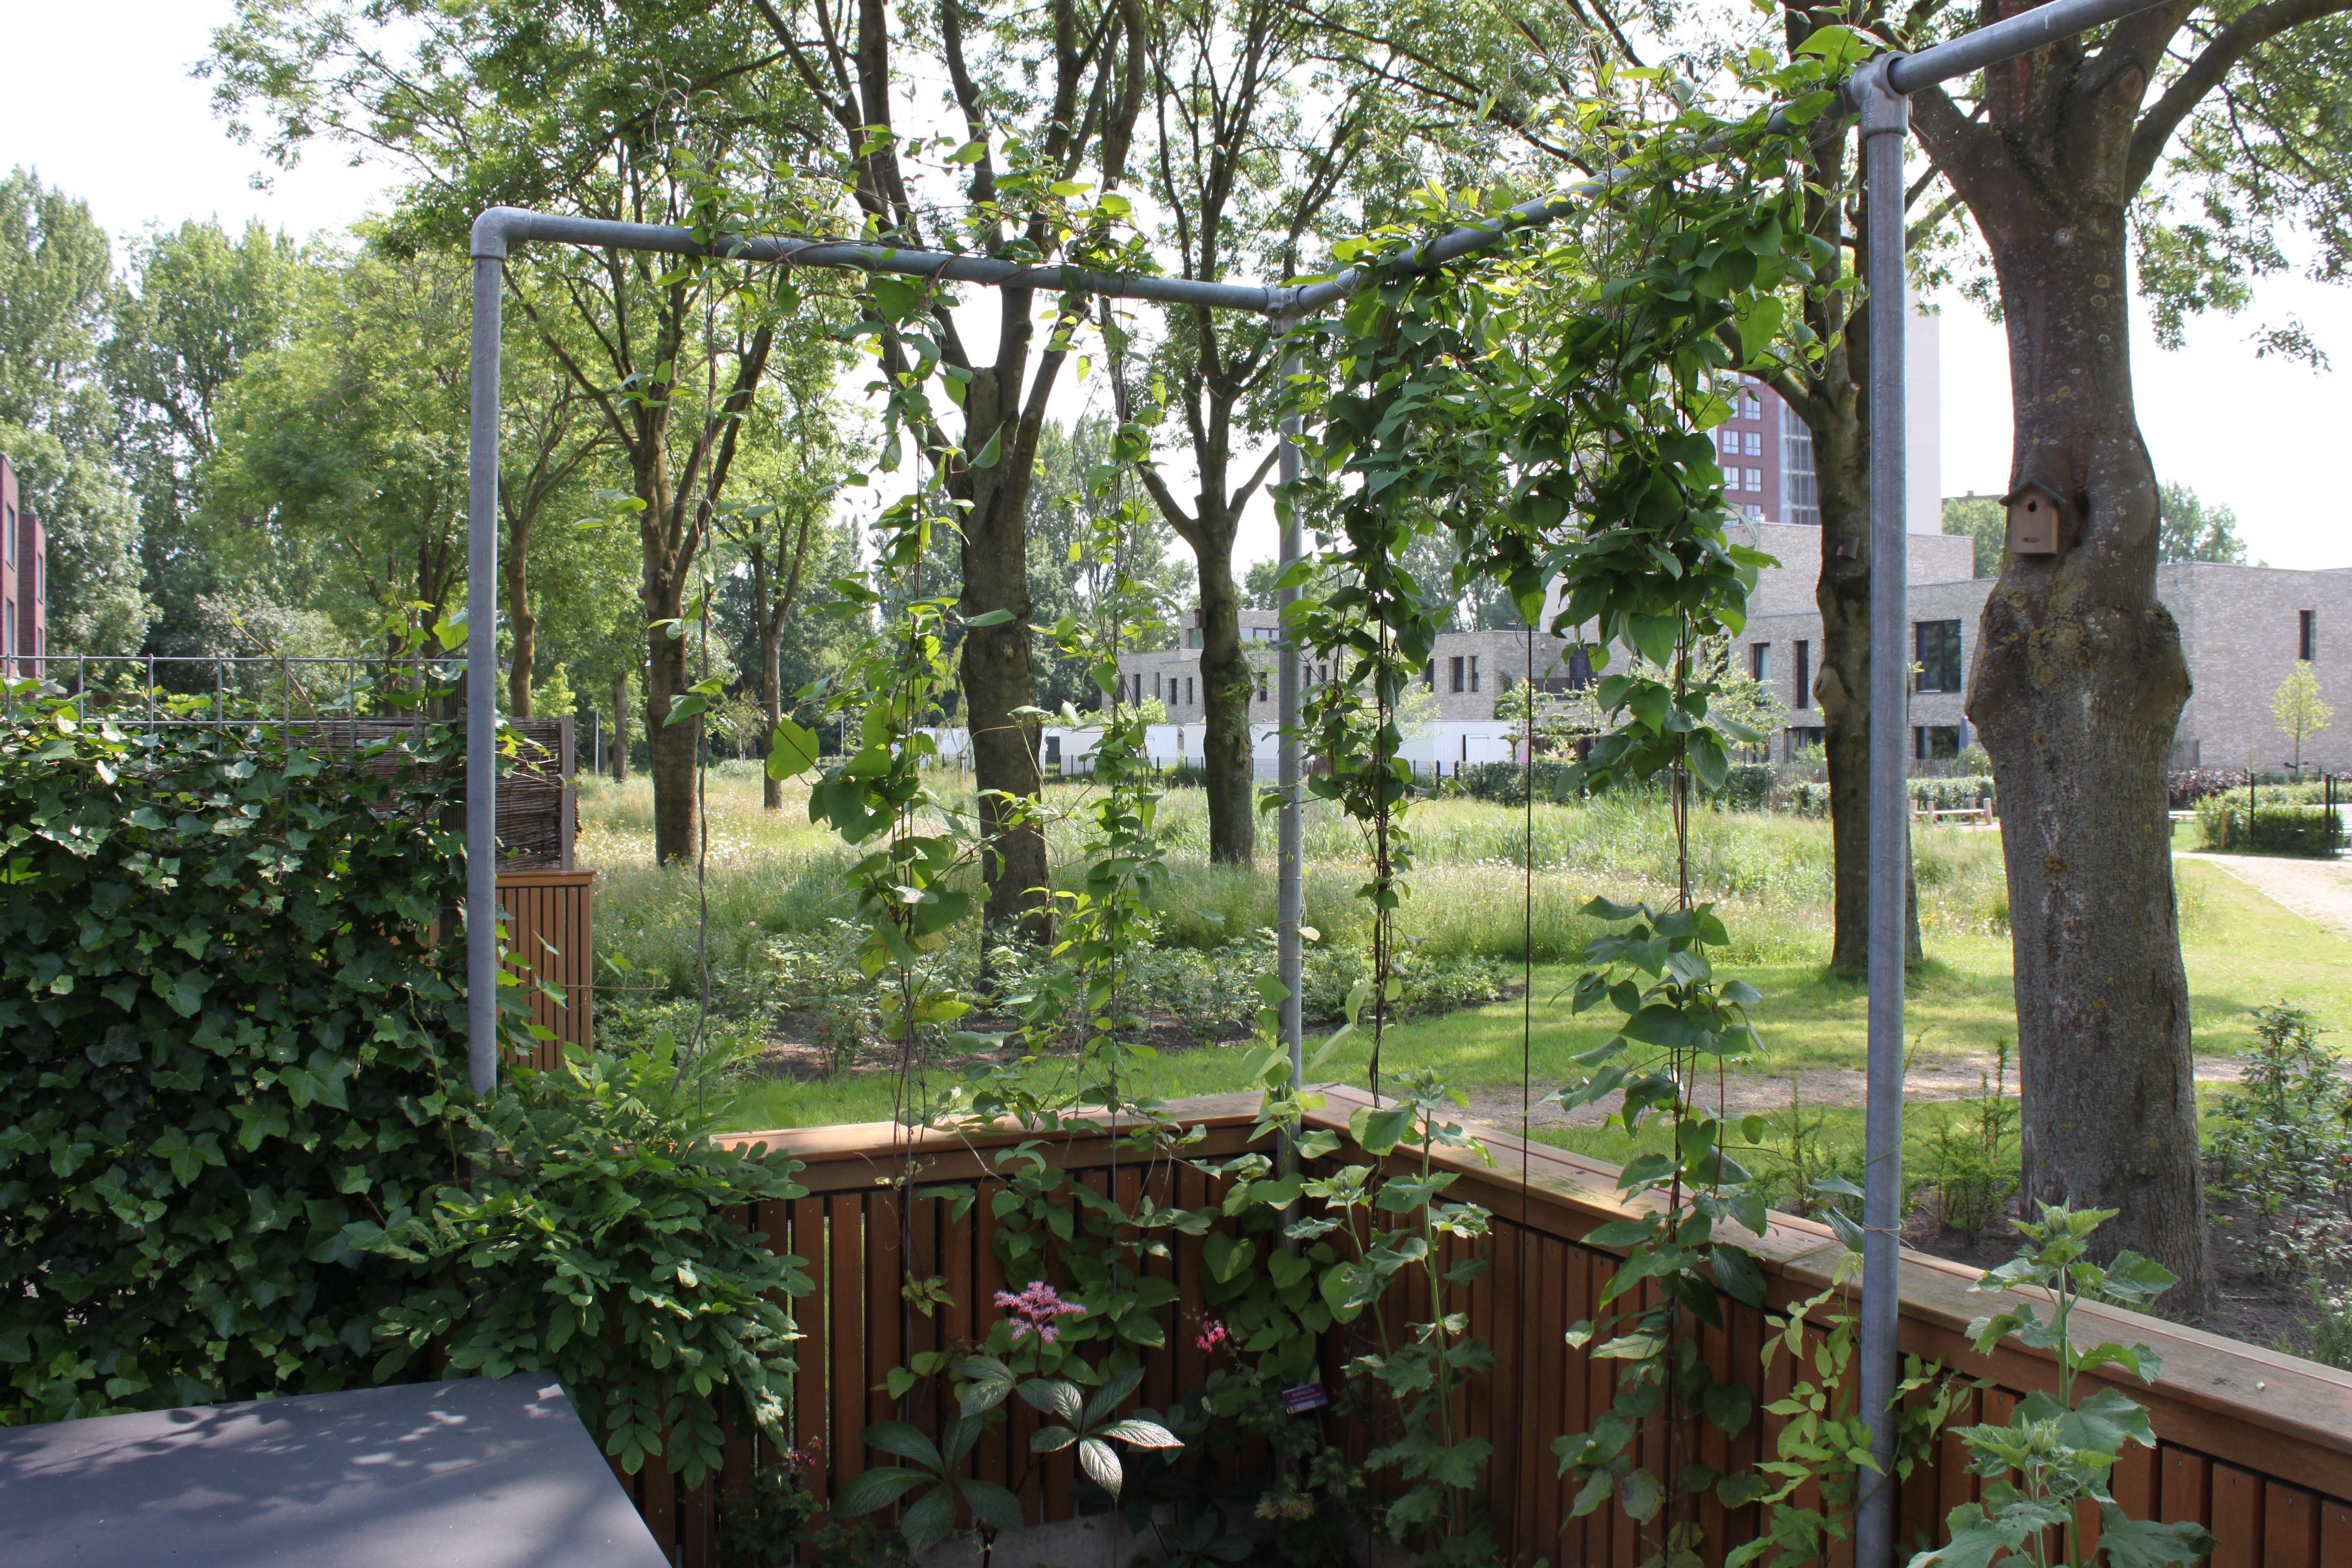 Strak speels stoere materialen tuinseizoentuinseizoen for Tuinontwerp eetbare tuin